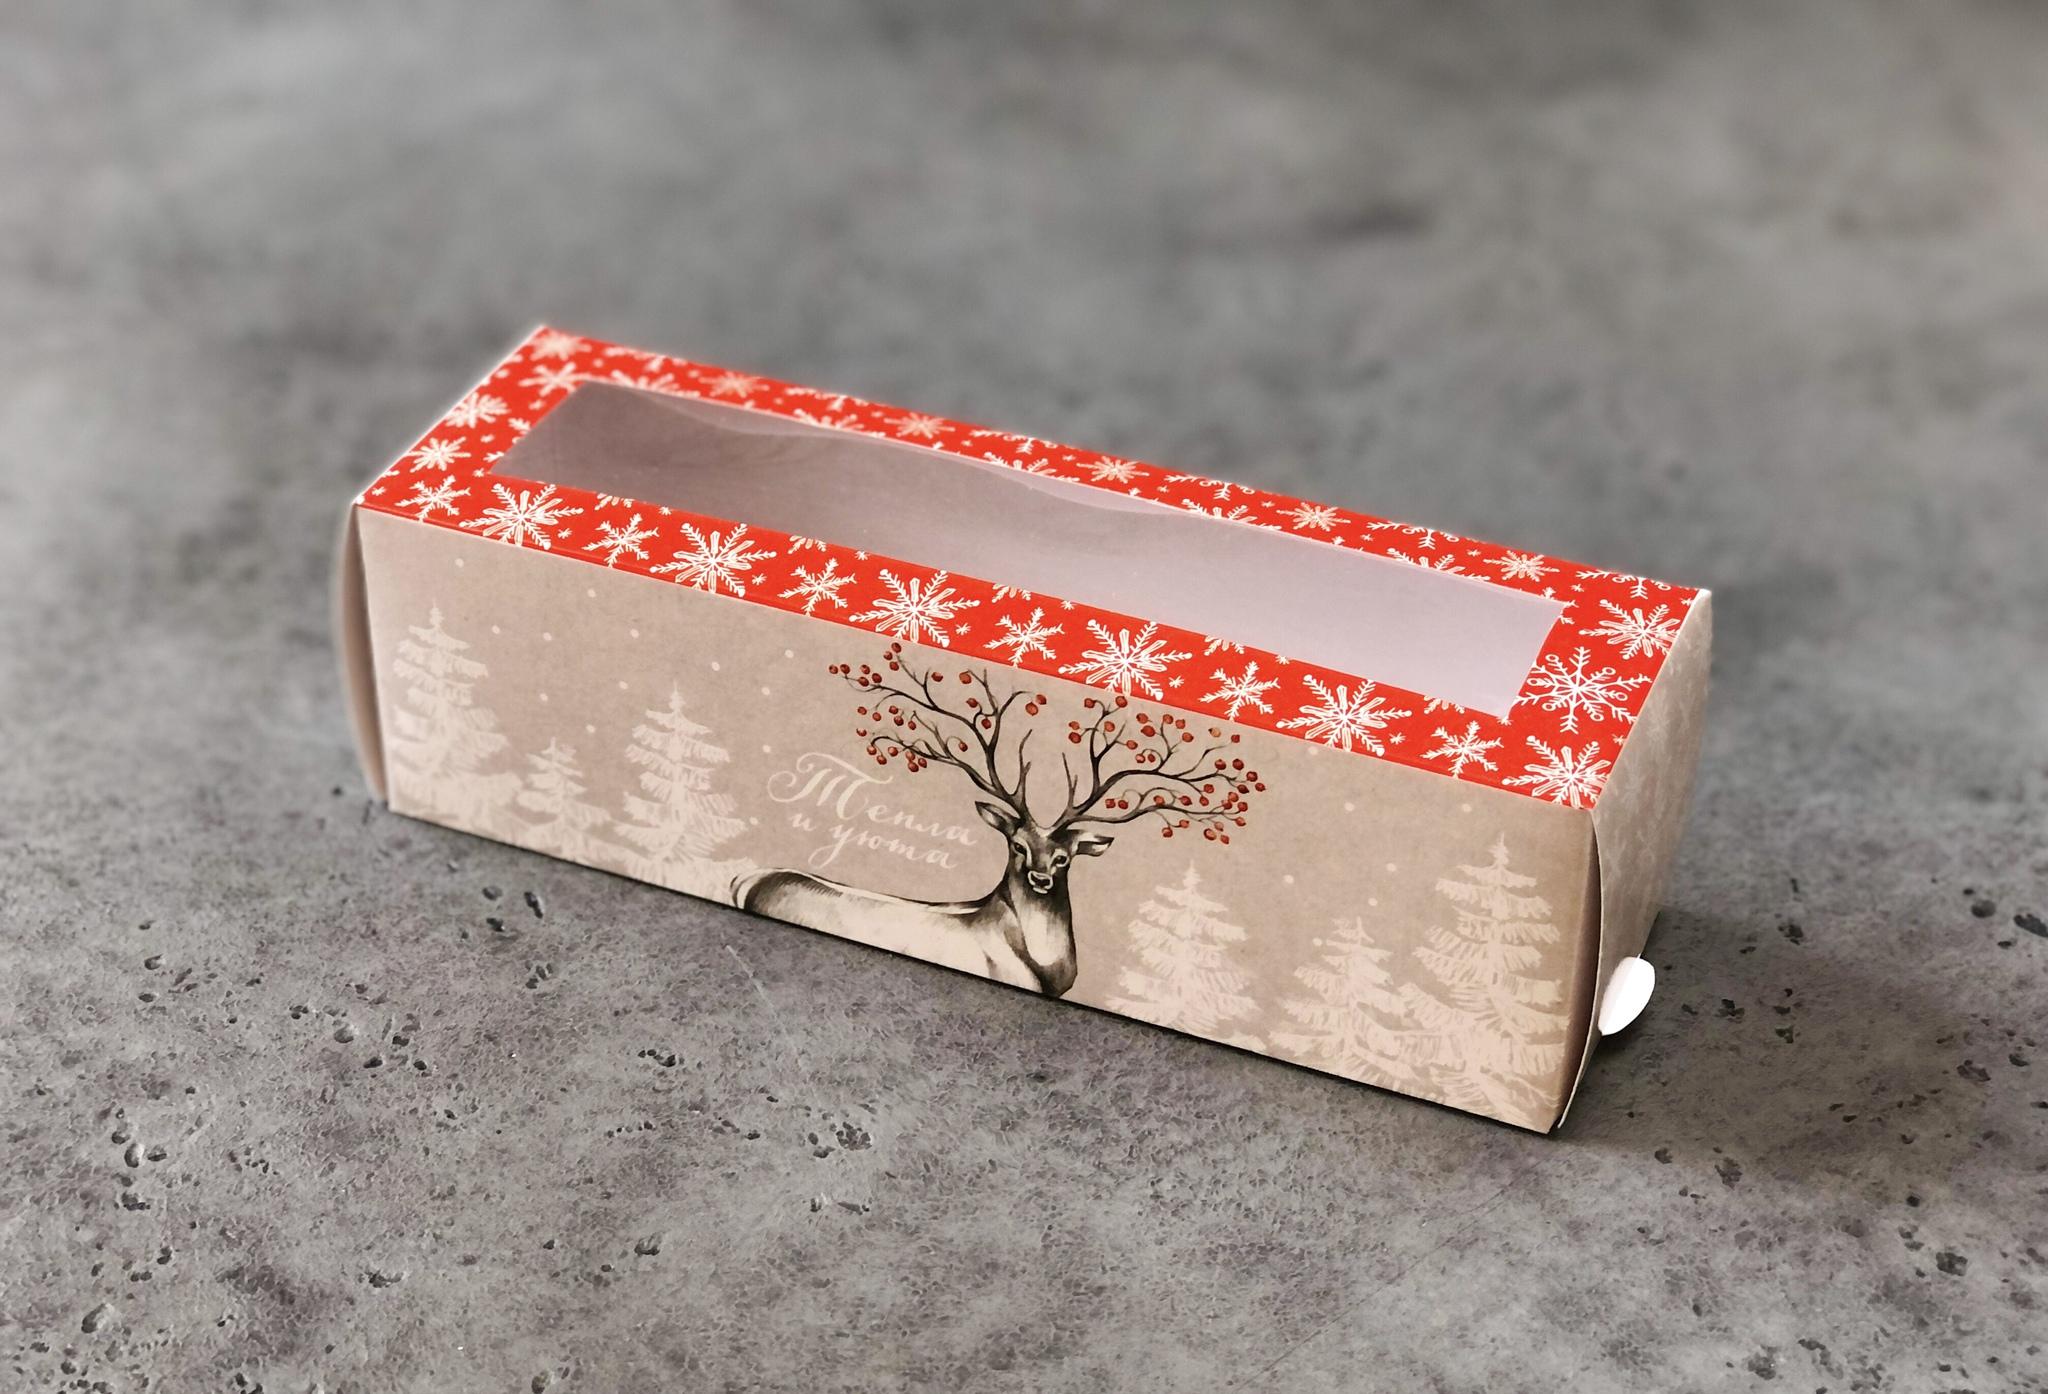 Коробка новогодняя для макаронс «Тепла и уюта», 18х5,5х5,5 см